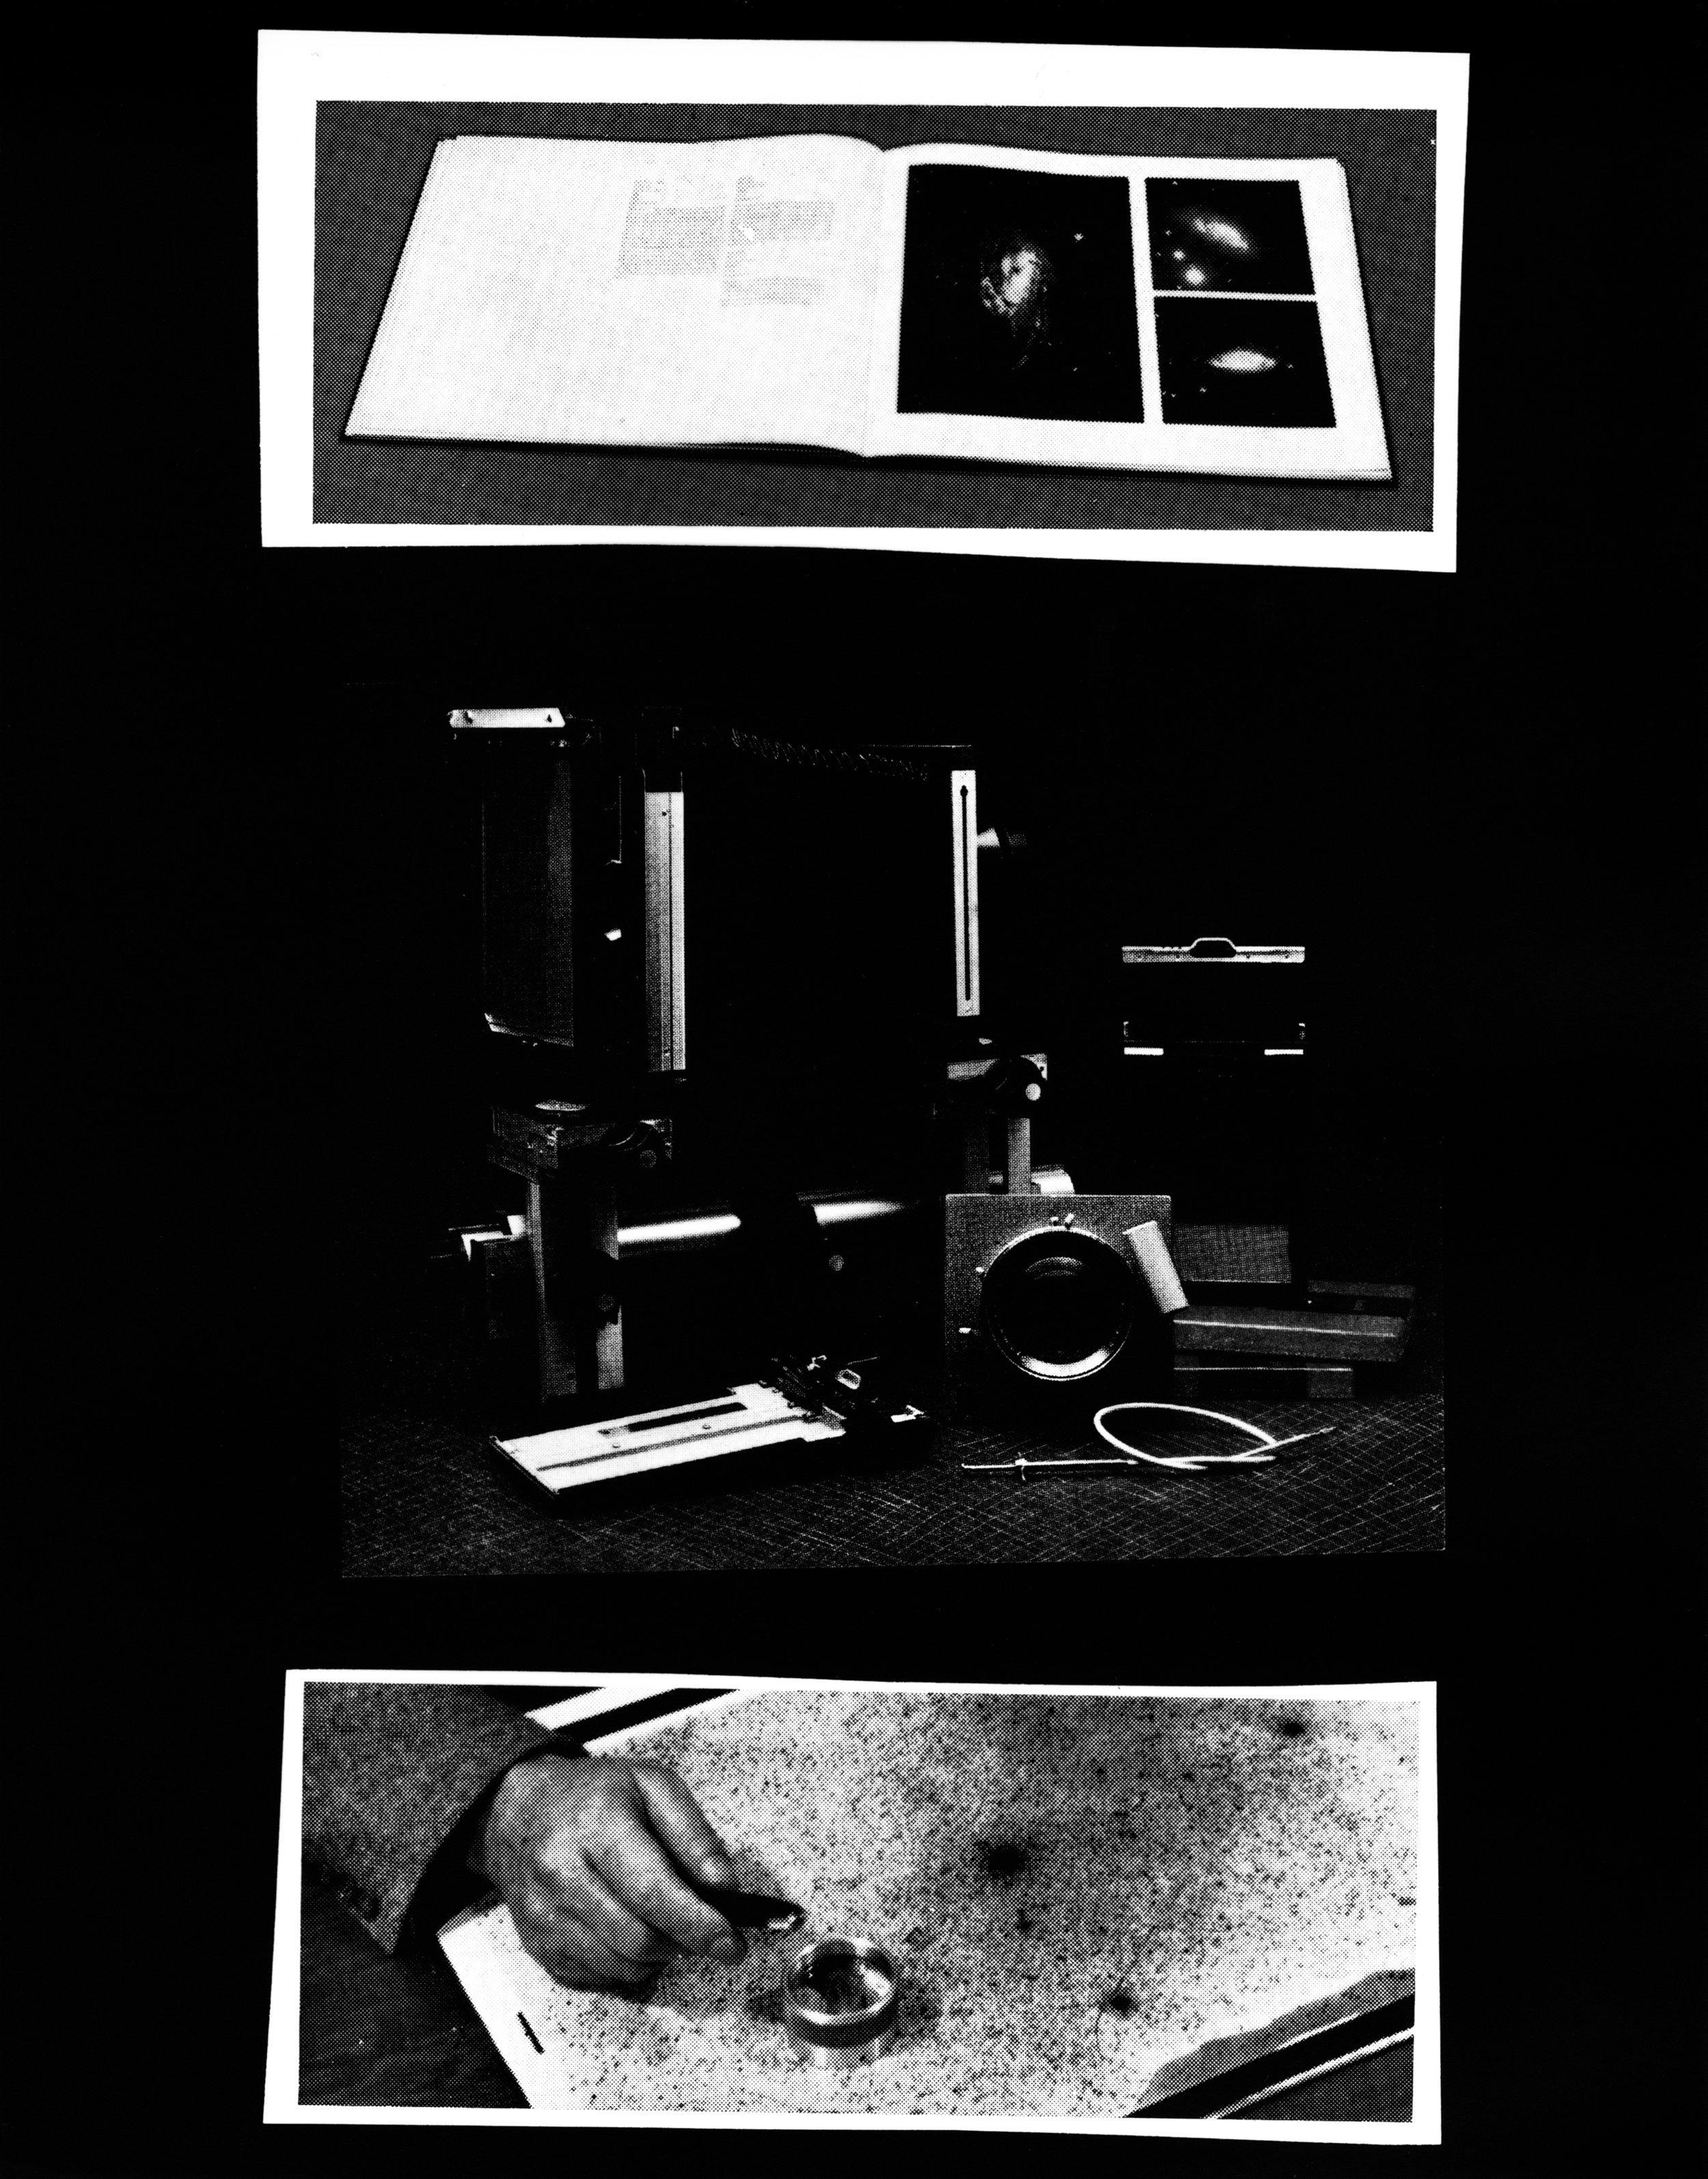 rearrangements_growleryphotograms_0001.jpg